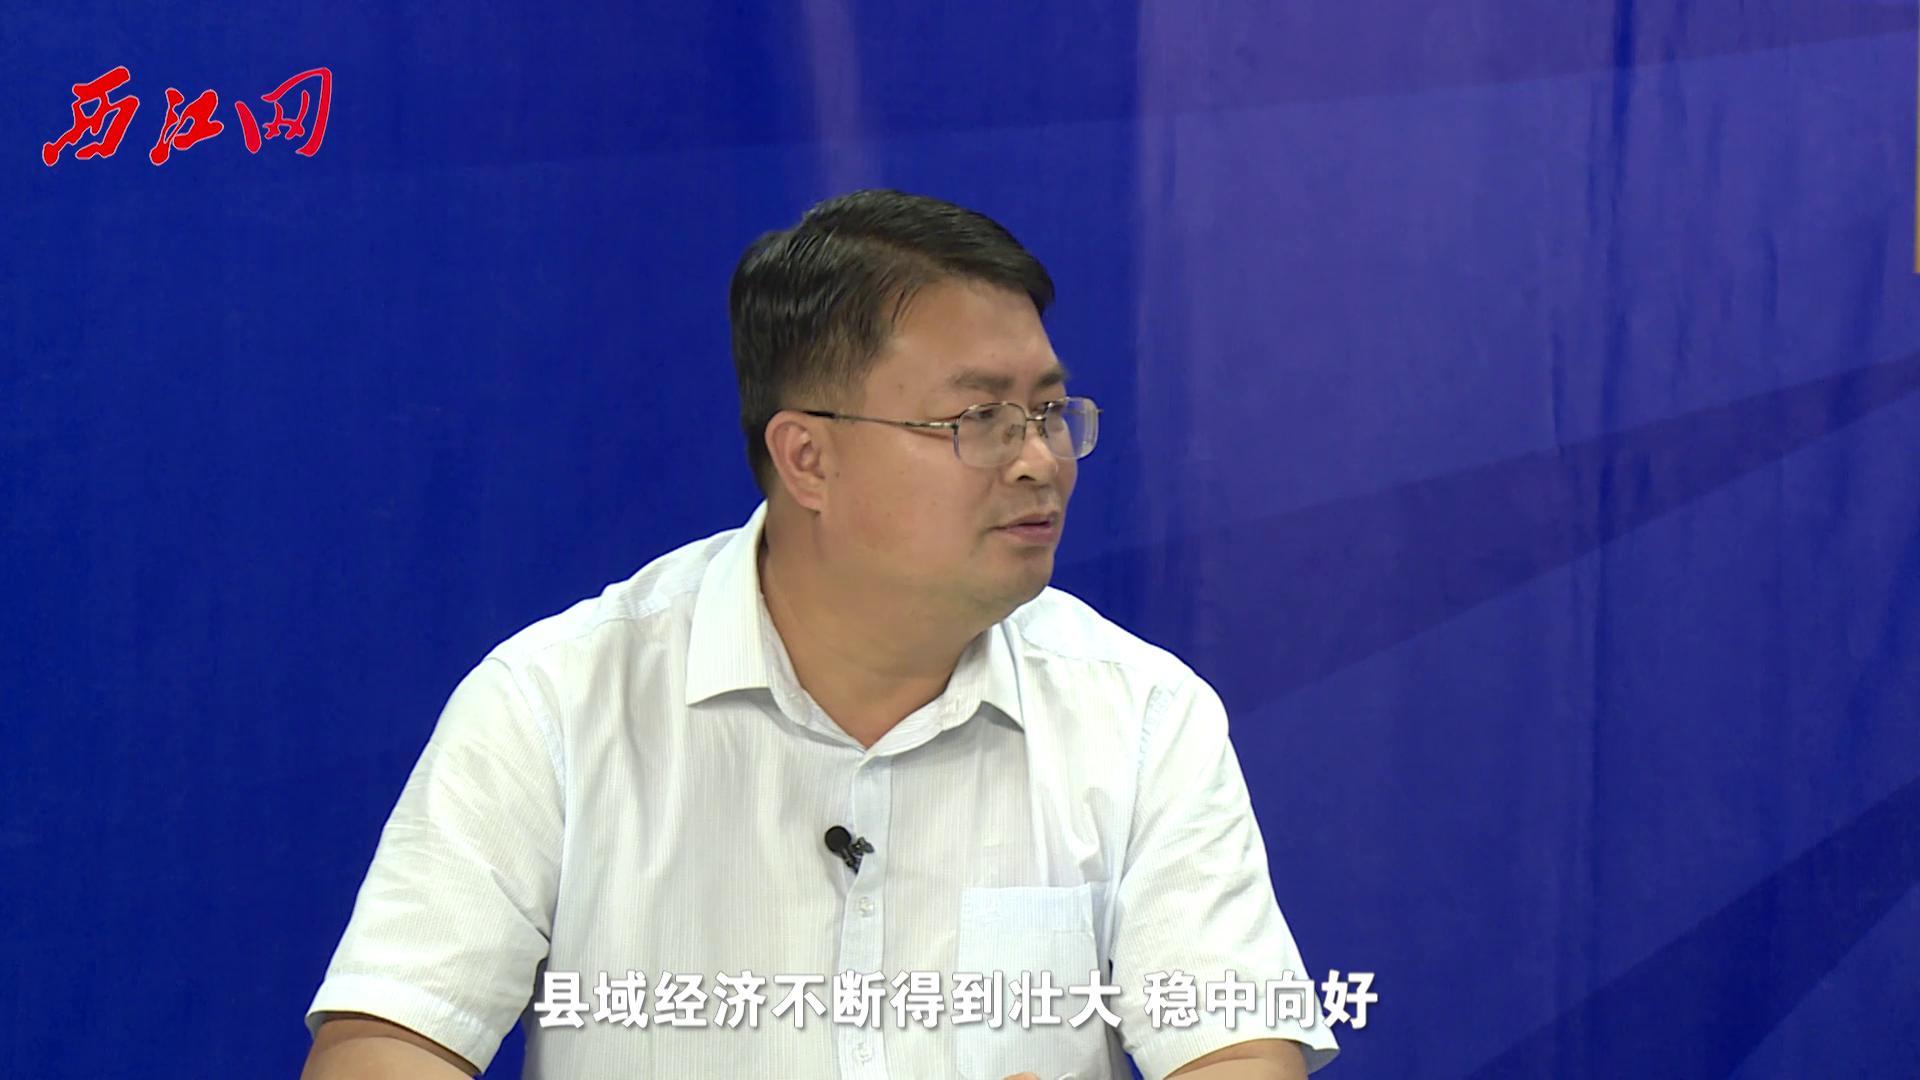 網上訪談廣寧縣副縣長江建軍